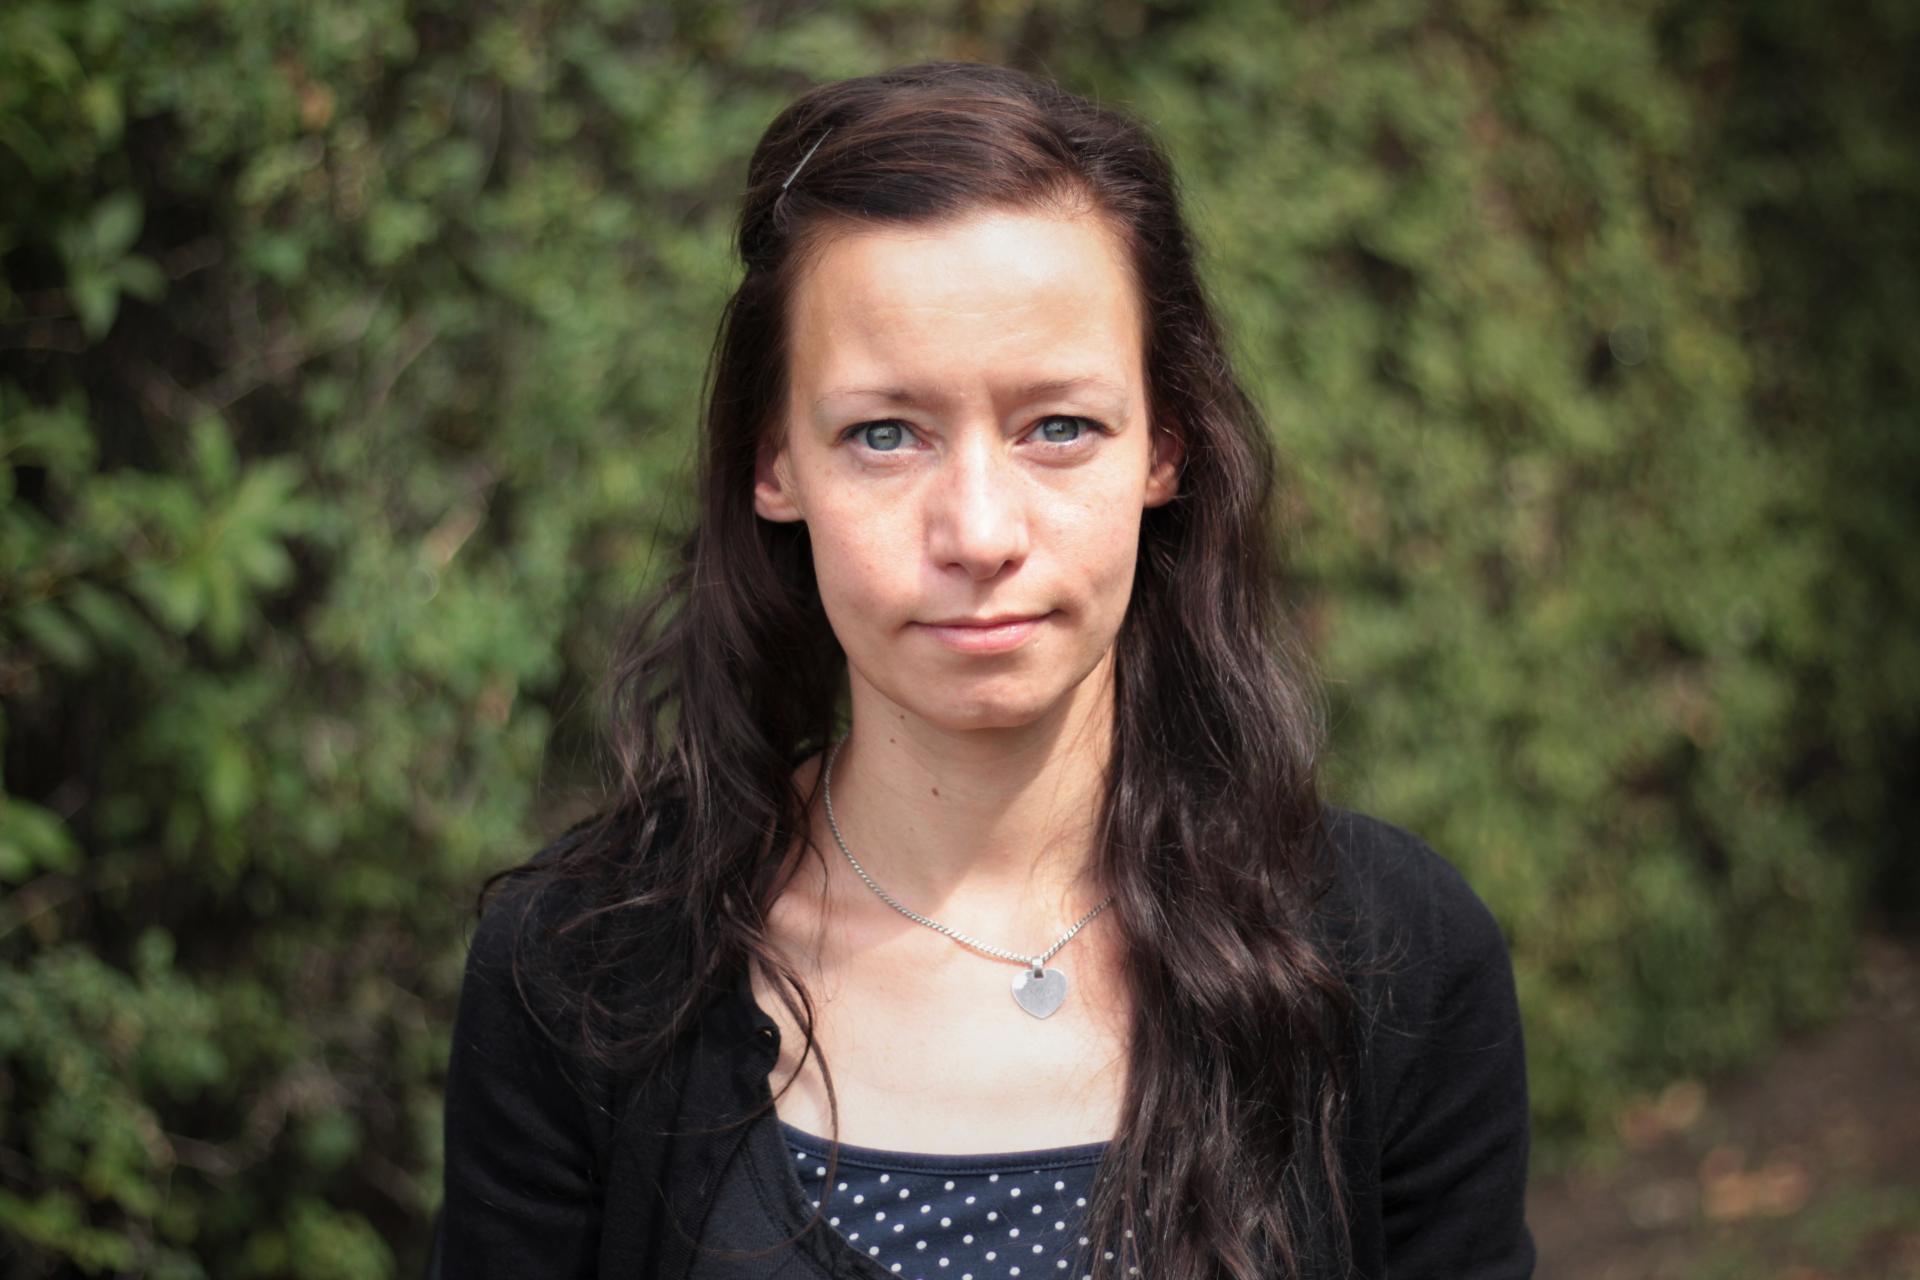 Yvonne Drechsler